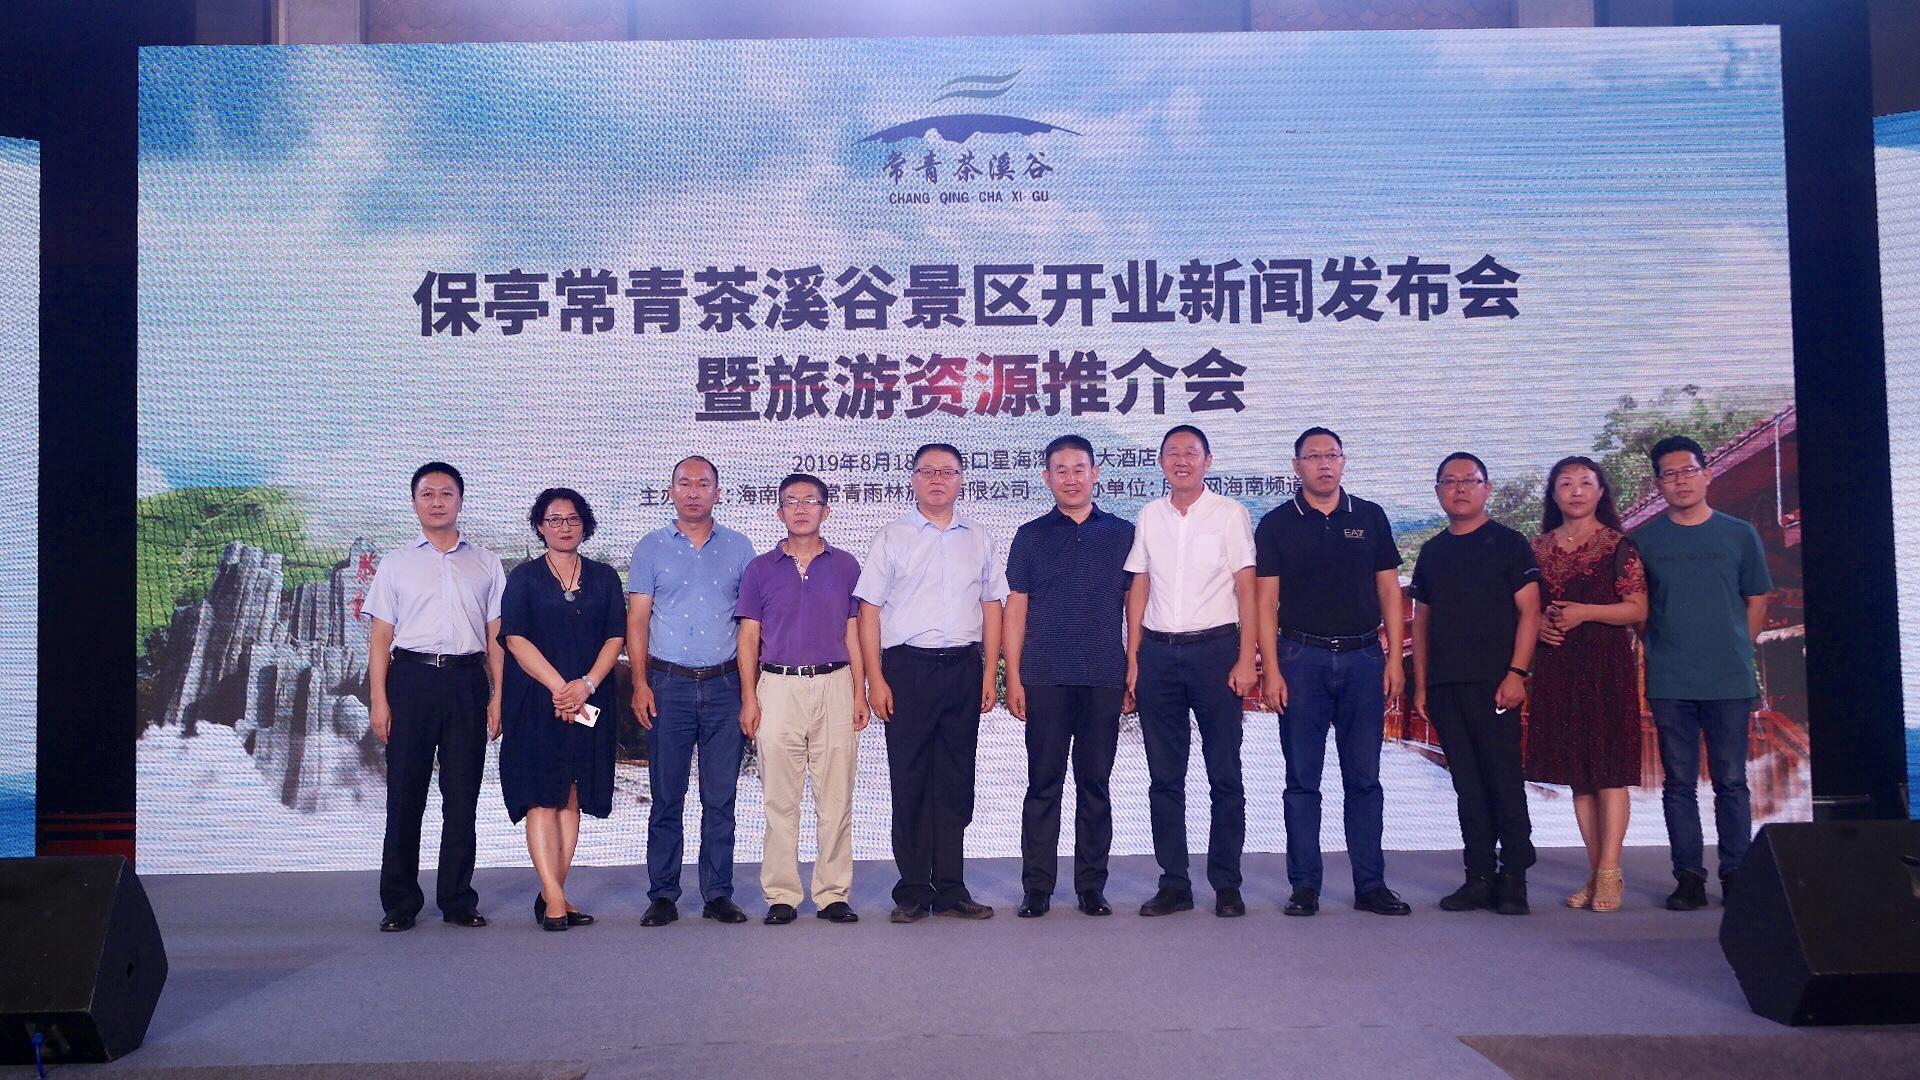 保亭常青茶溪谷2020年元旦正式开